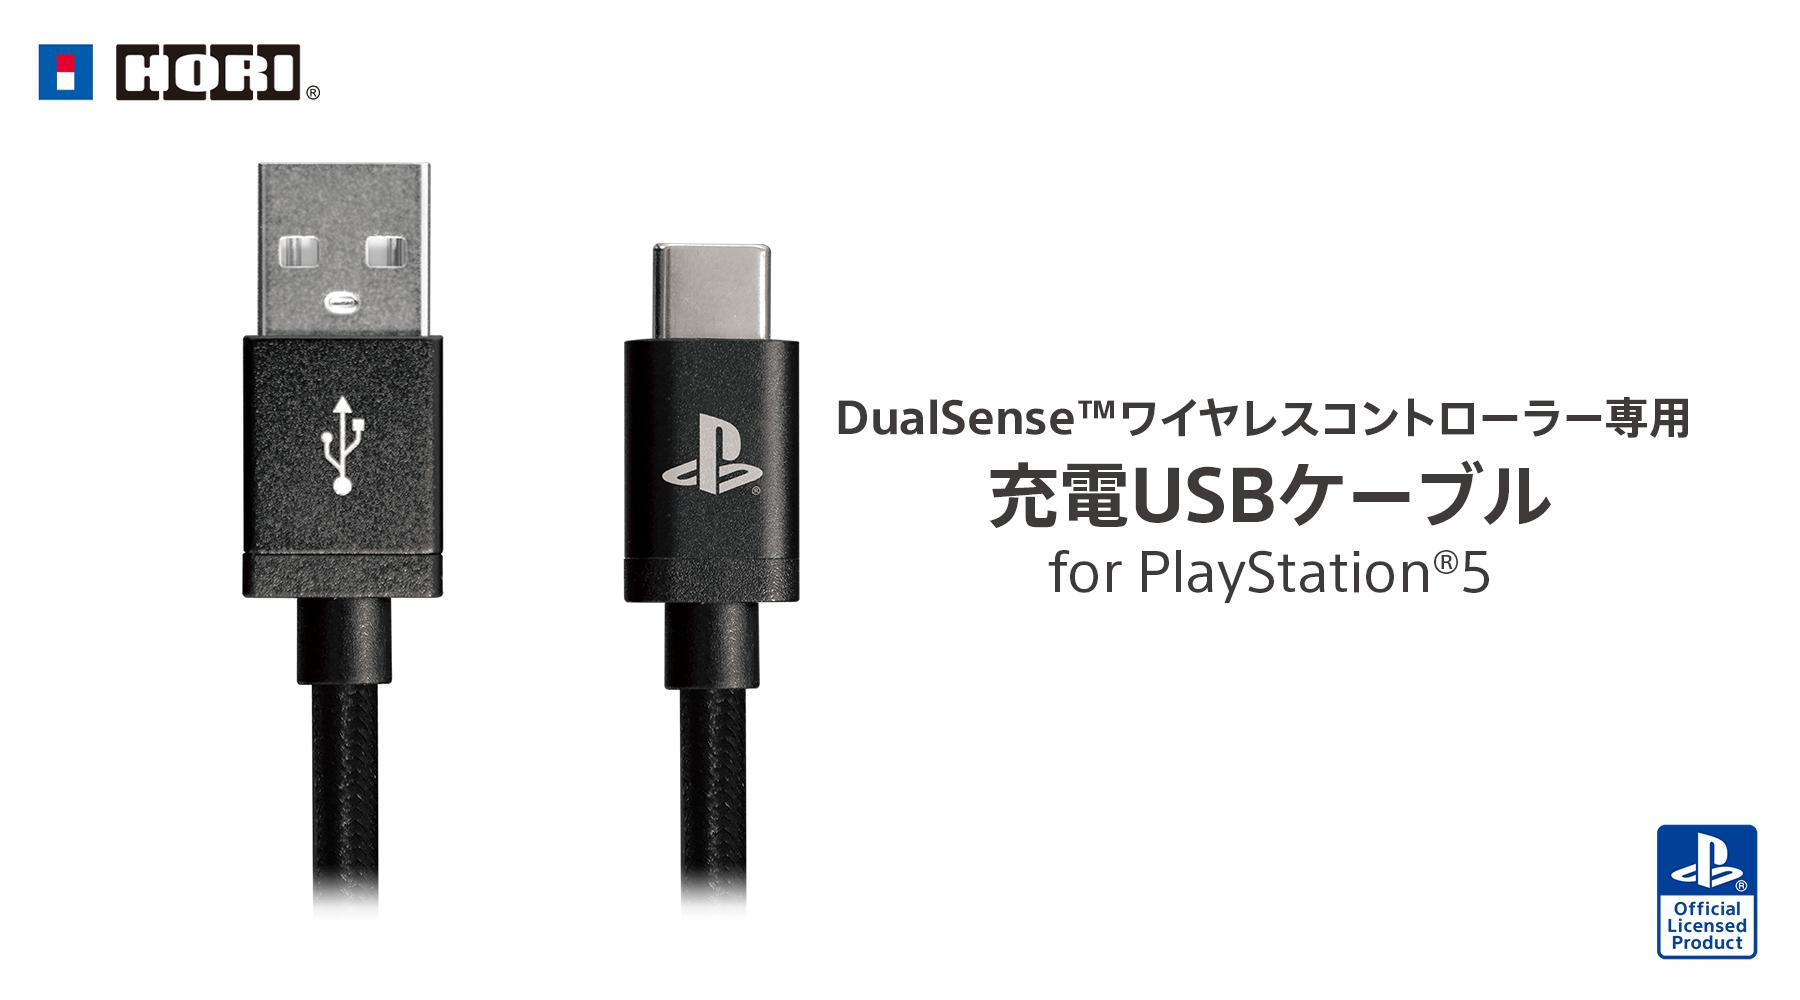 「DualSense™ワイヤレスコントローラー専用 充電USBケーブル for PlayStation®5」が2021年6月発売!